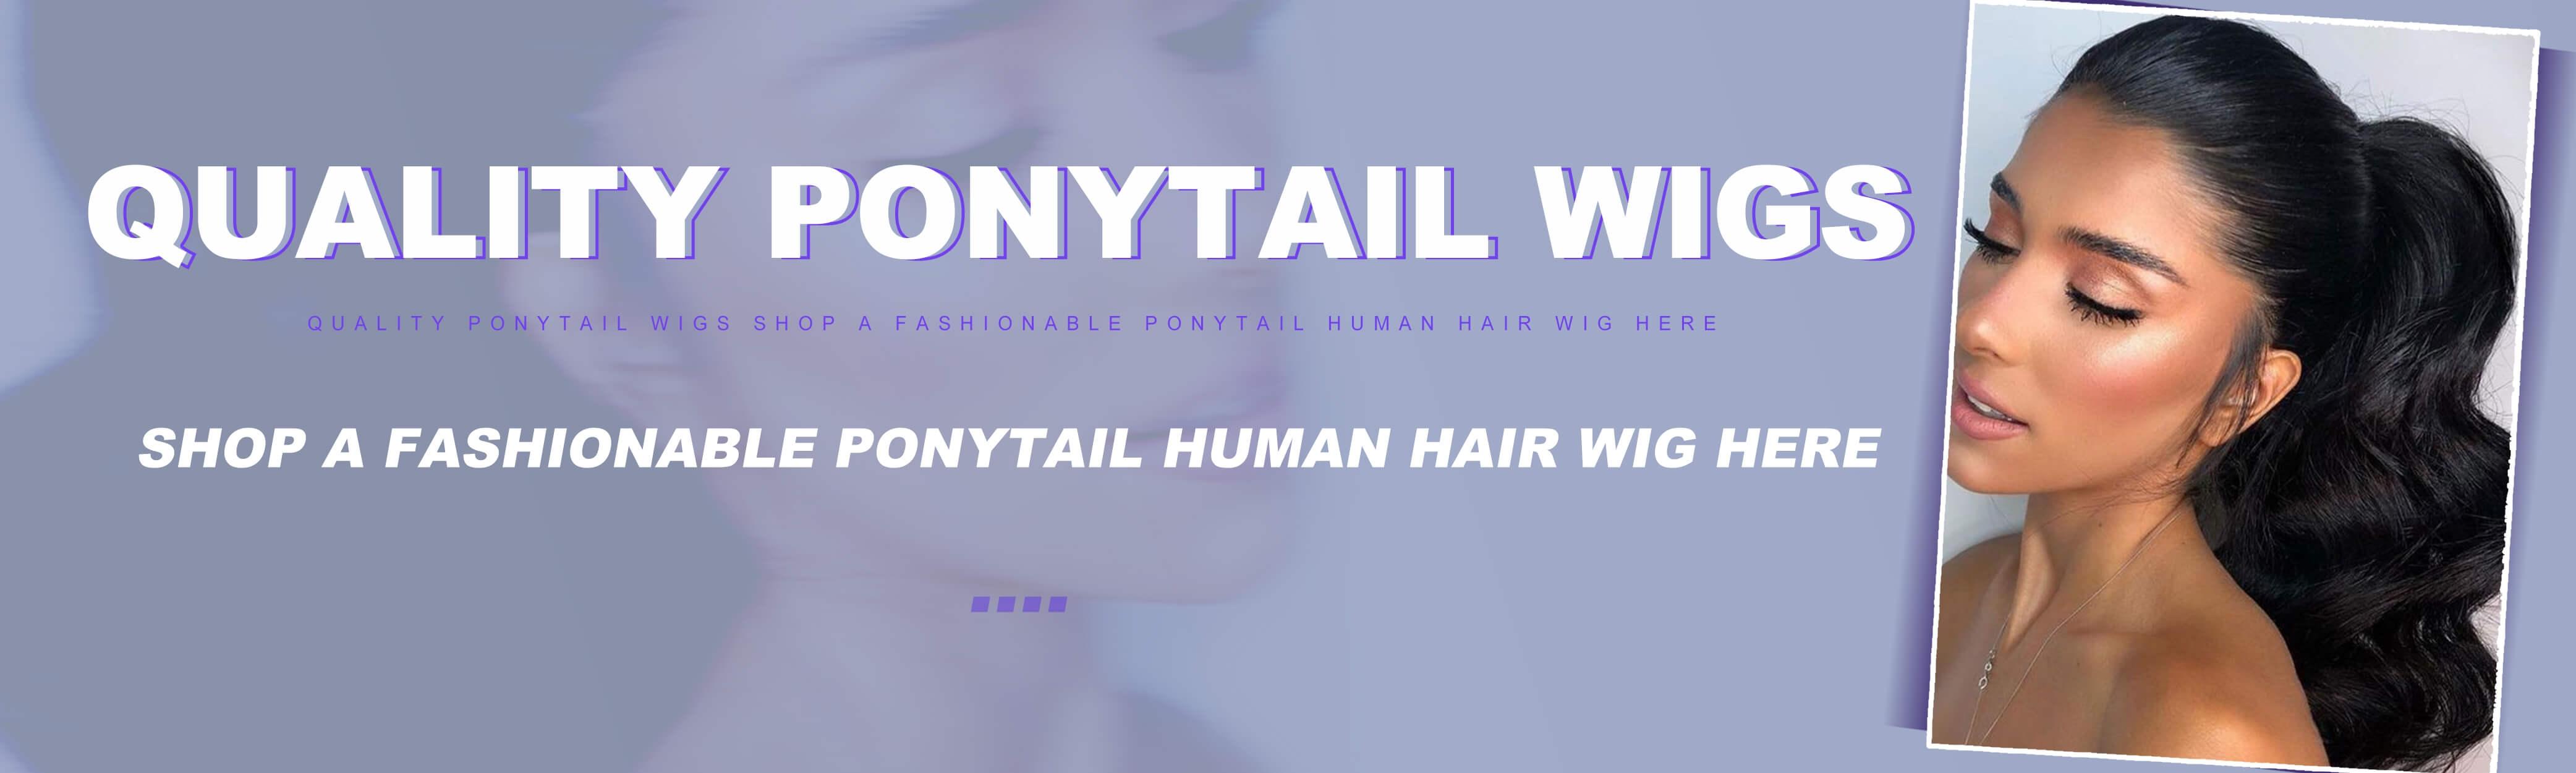 Ponytail wig